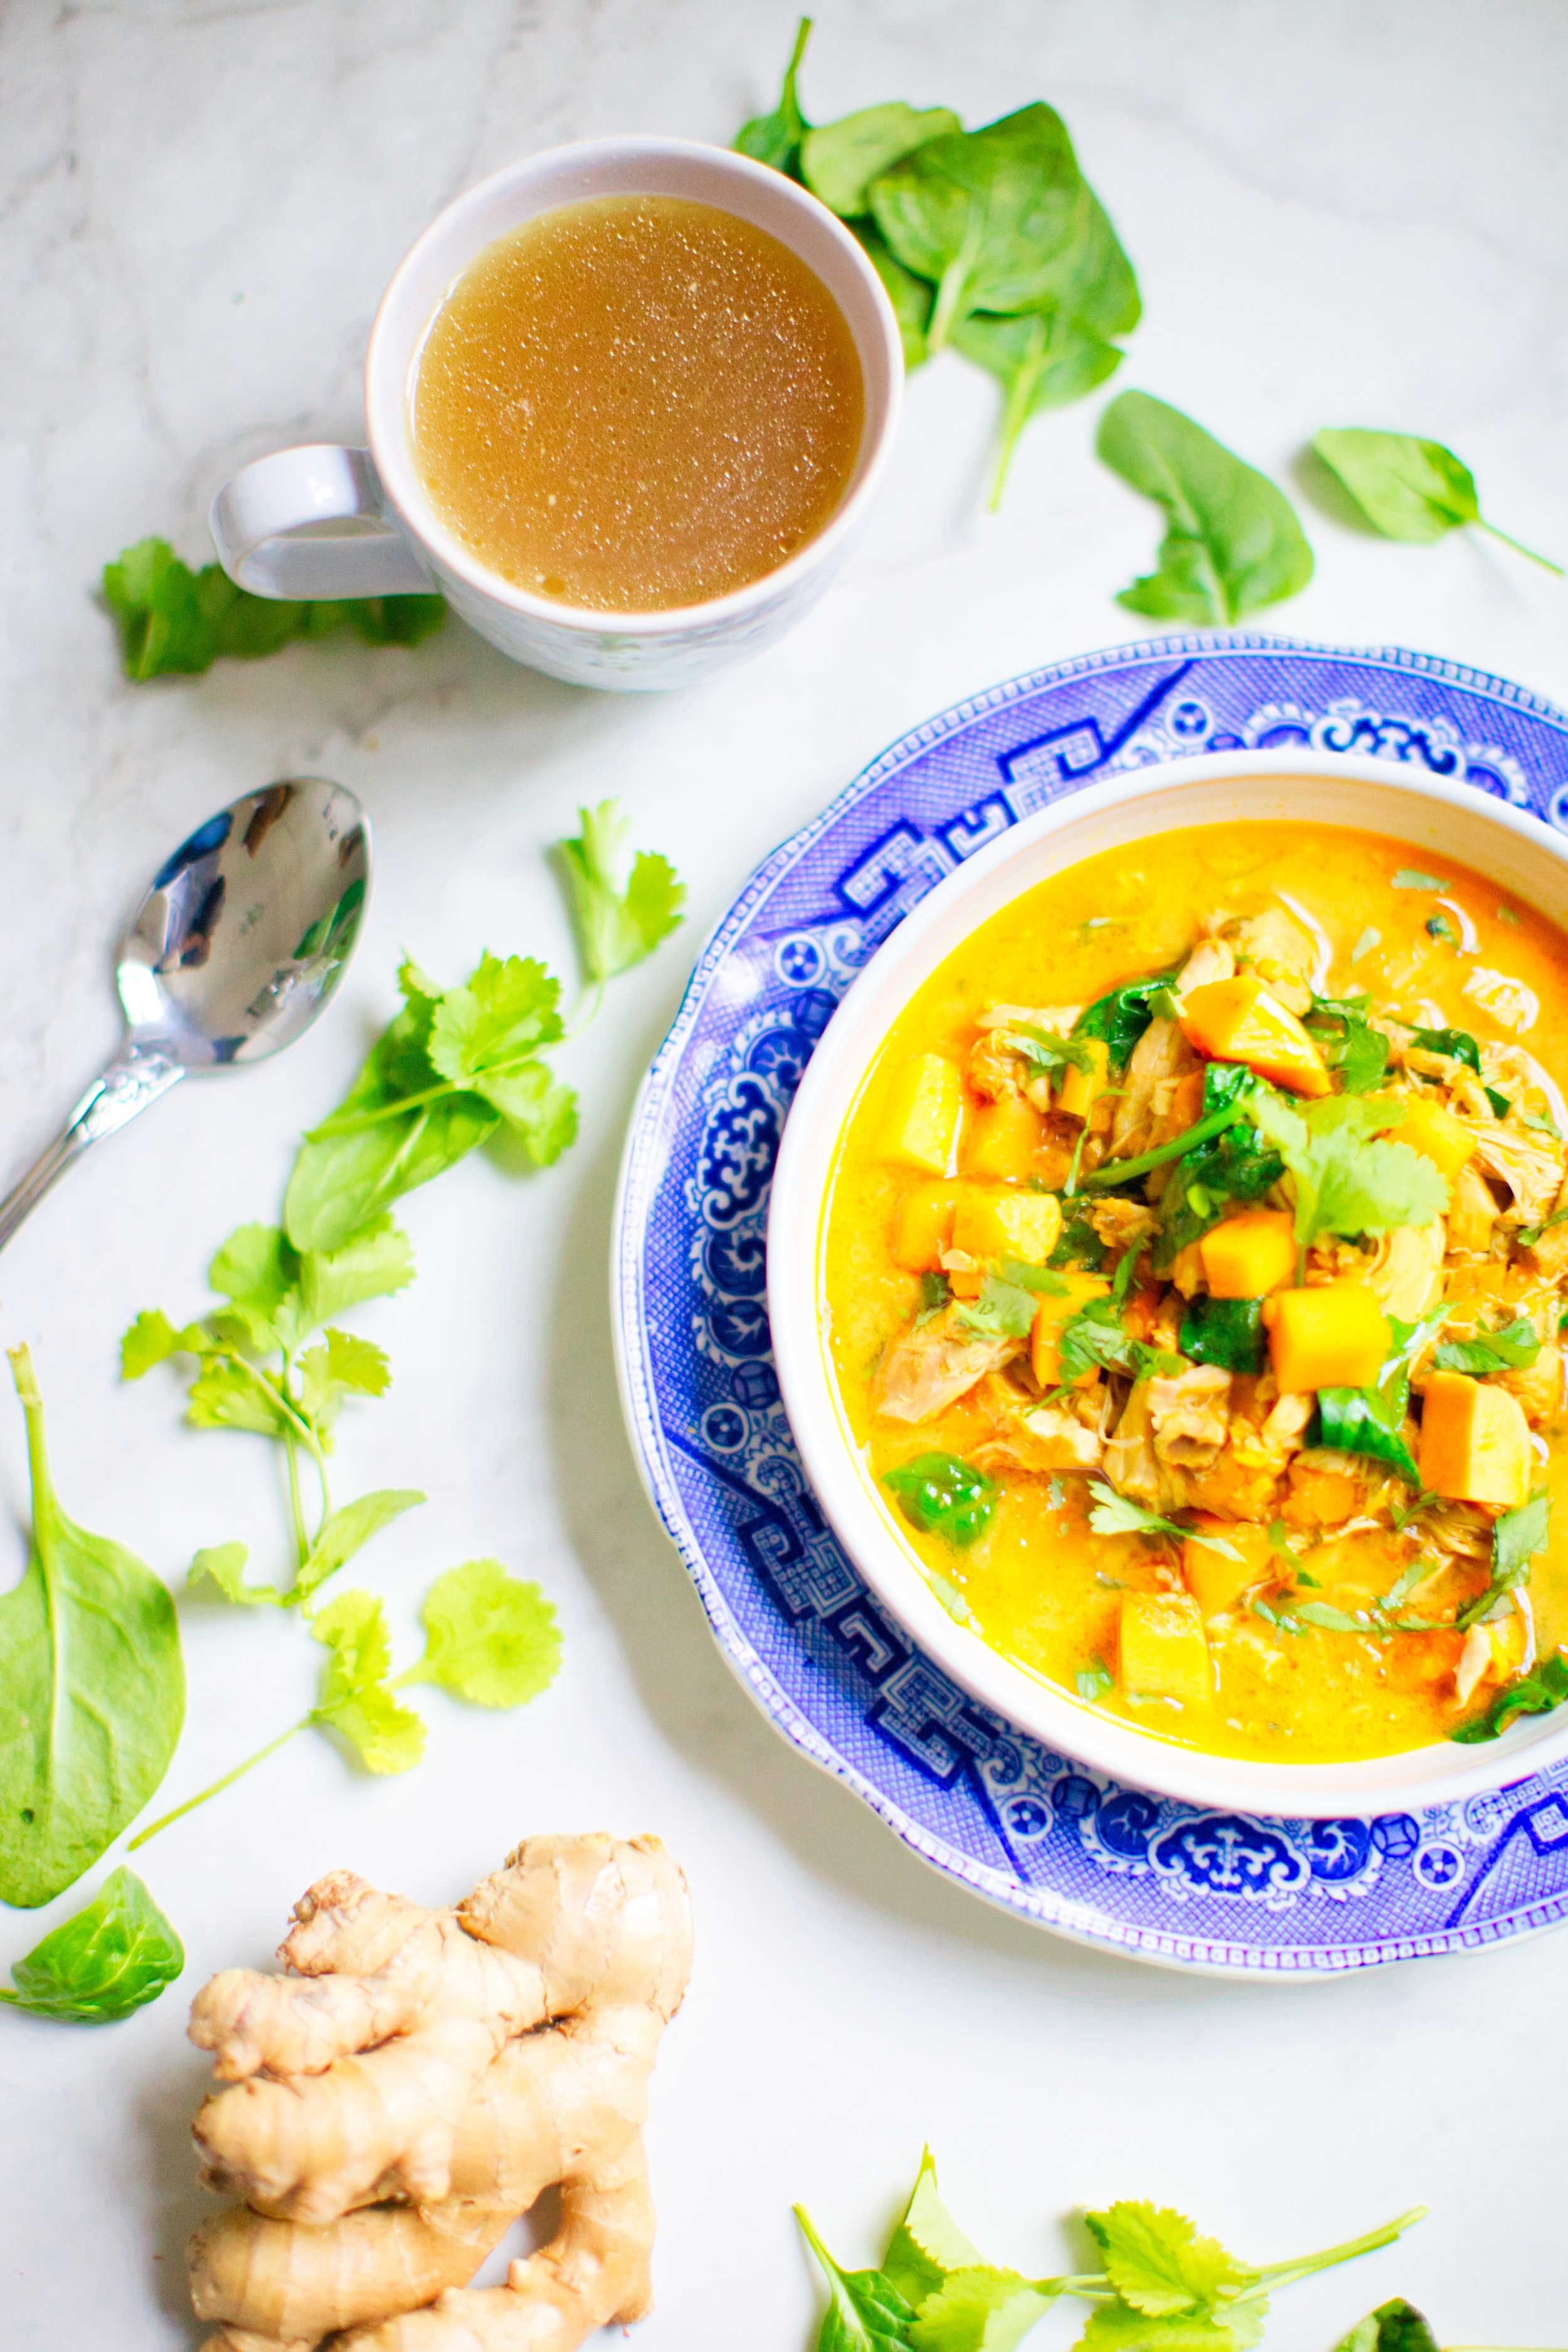 natural-chef-carolyn-nicholas-ojposW2CPno-unsplash.jpg